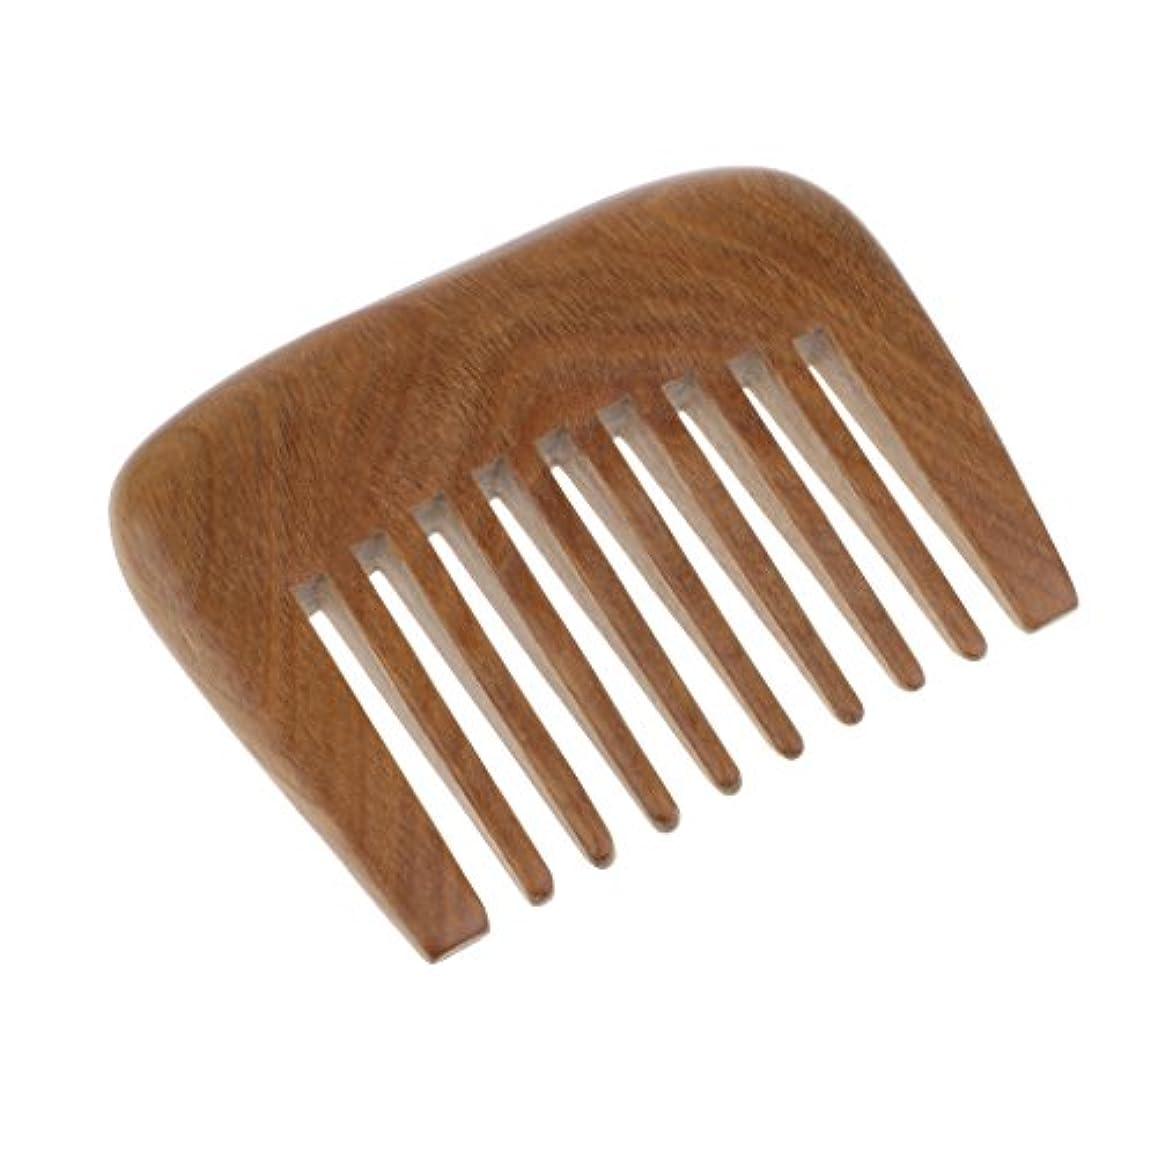 ようこそ版たまに木の櫛ひげの櫛の広い歯の櫛のハンドメイドのビャクダンのポケット櫛